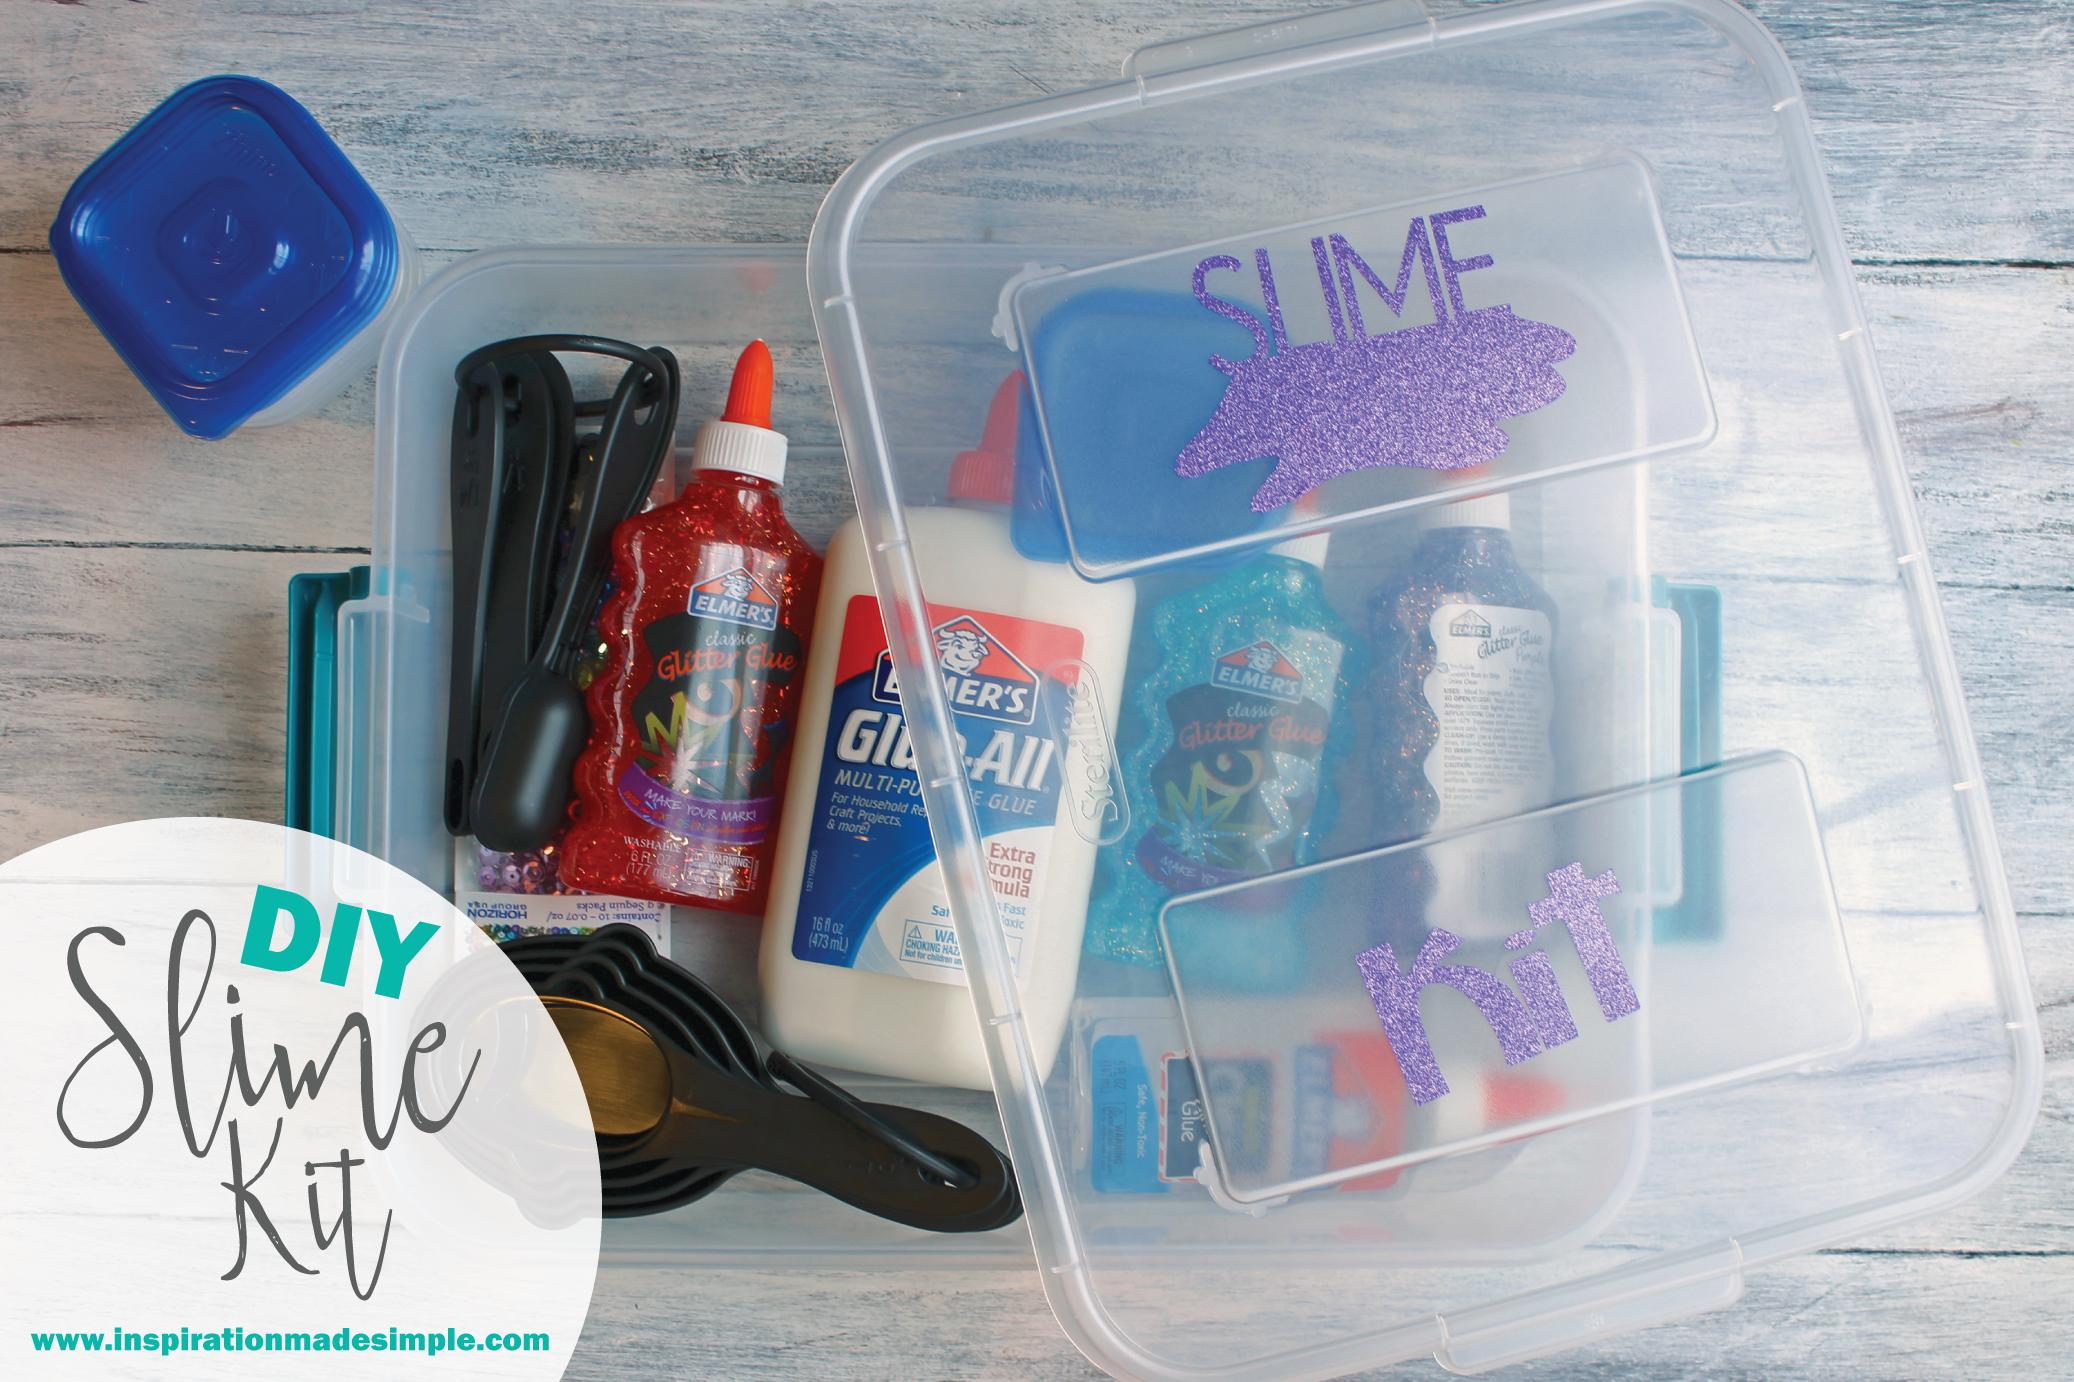 DIY Slime Kit Gift Idea for Kids